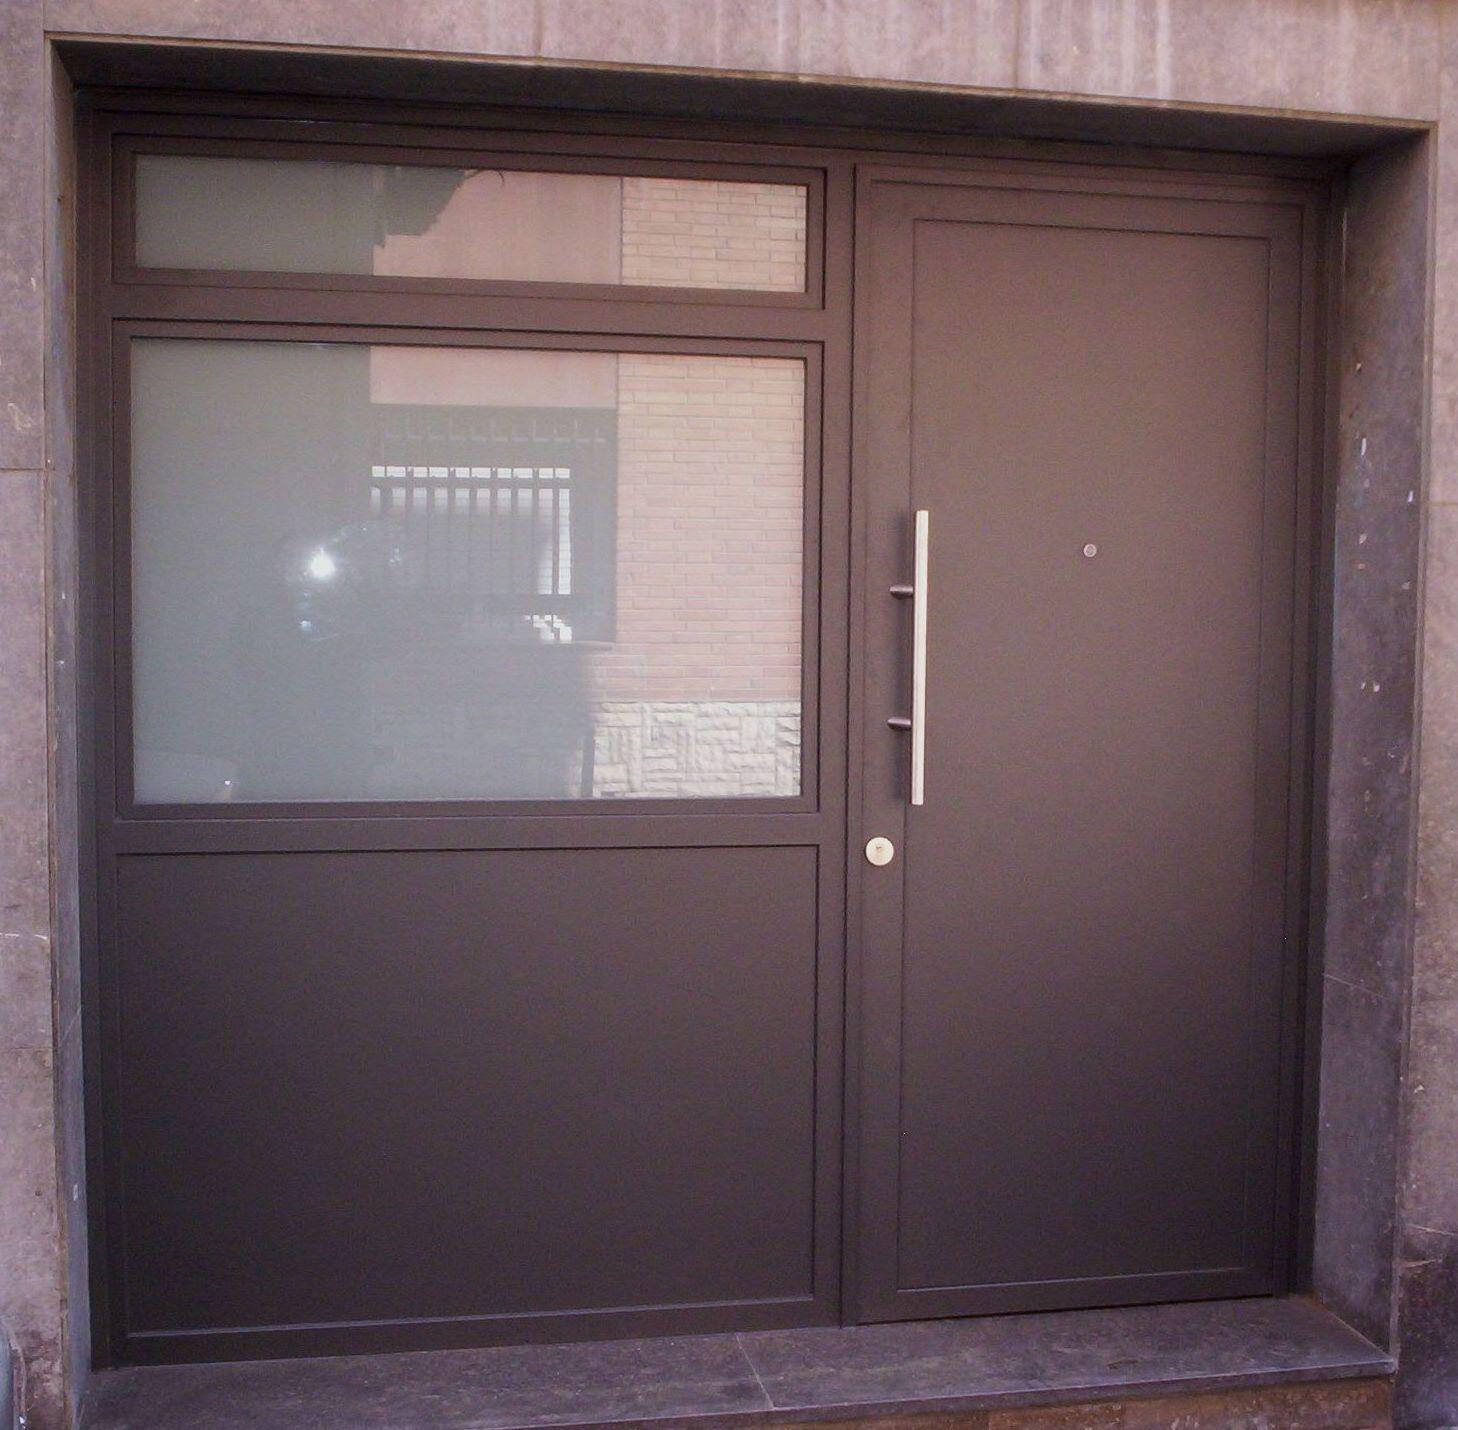 Puertas para comunidades en barcelona puertas miret for Puertas madera barcelona